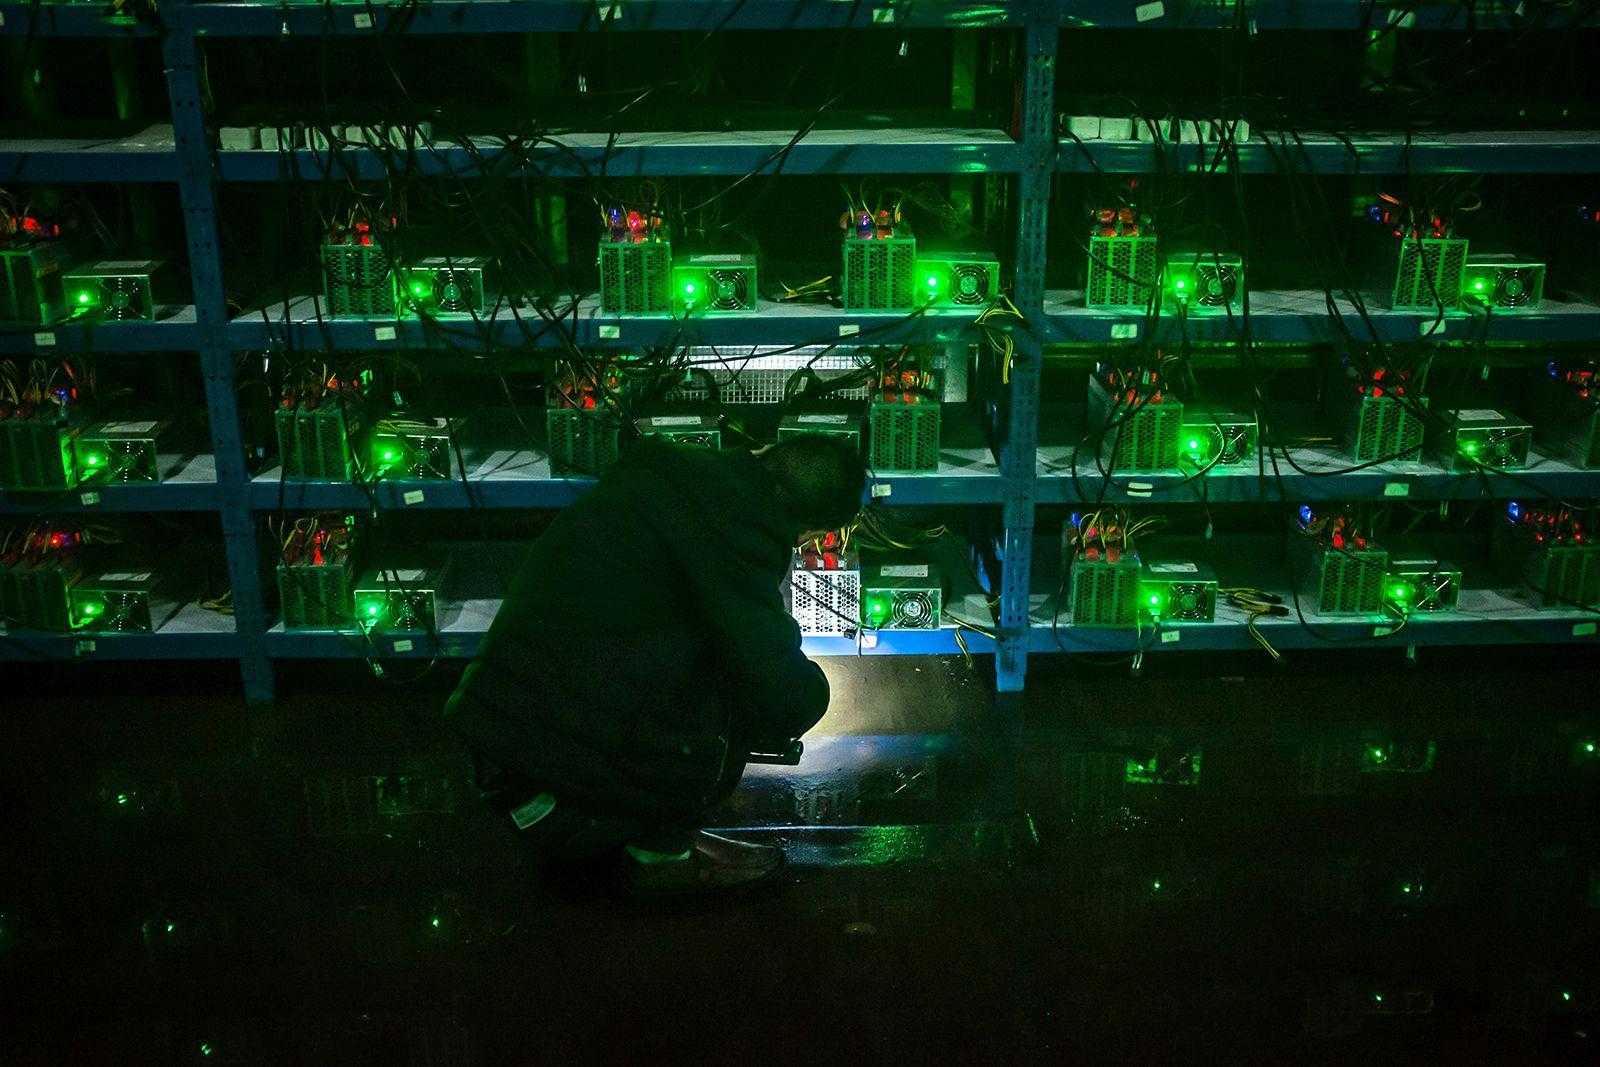 Криптовалюта: Китай вводит ограничения майнинга (china bitcoin 020)